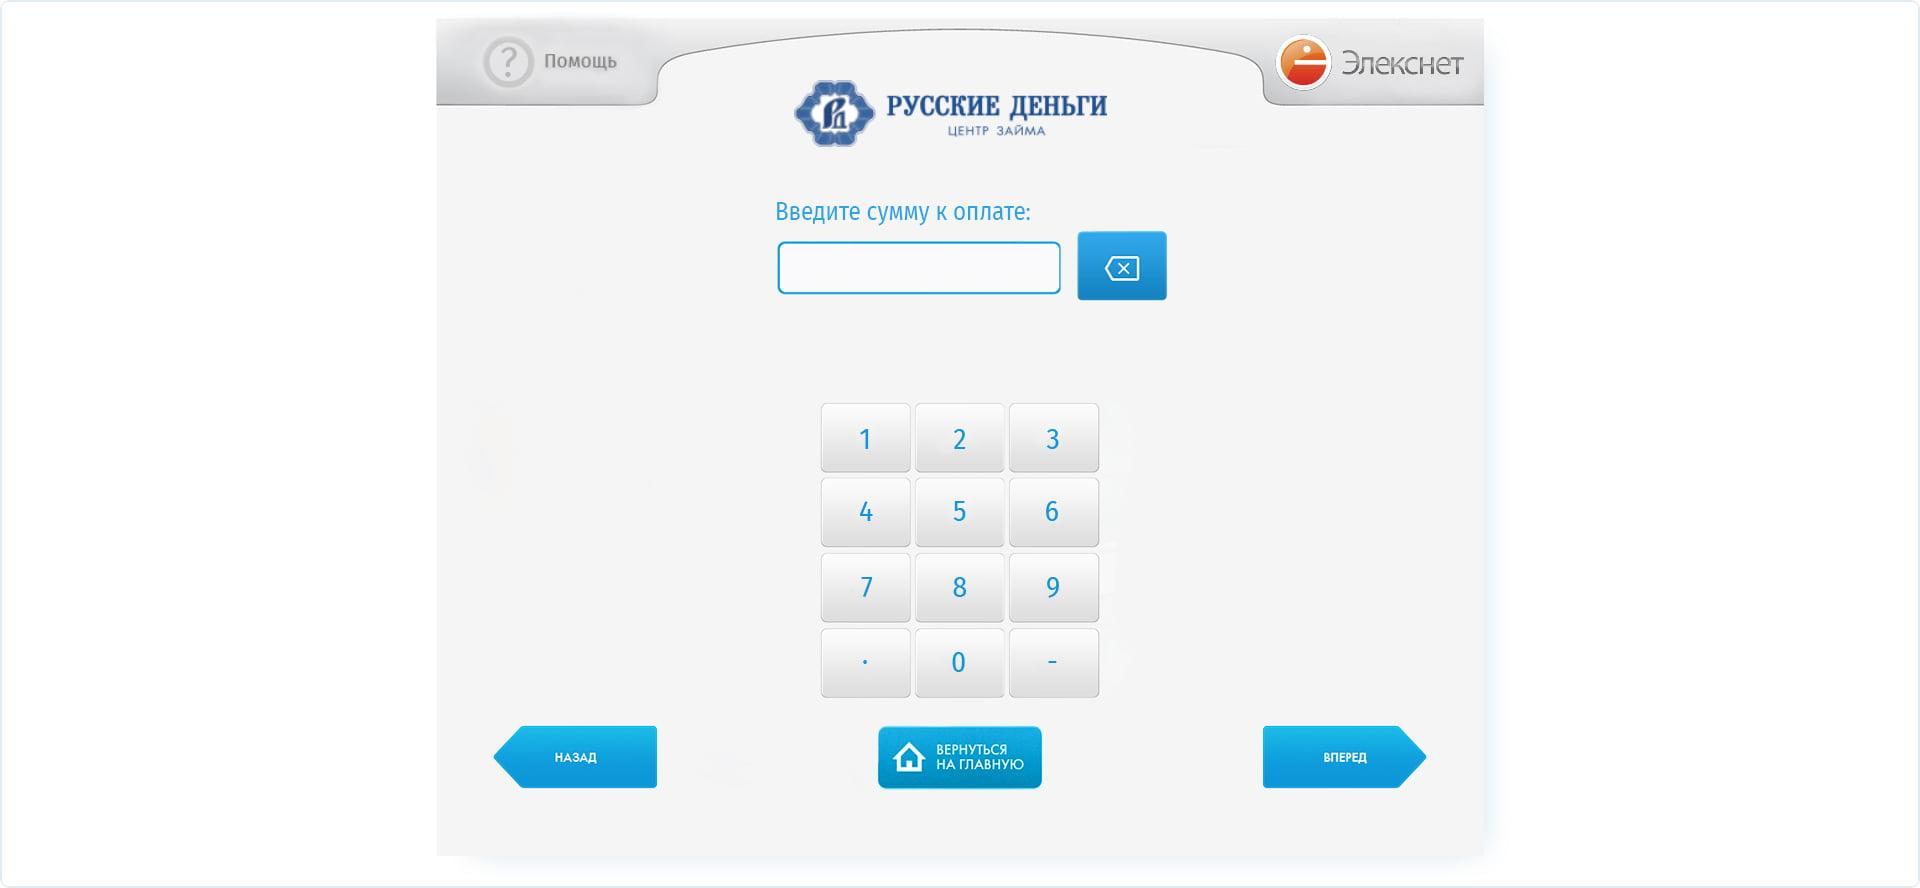 центр займов личный кабинет как взять займ по чужому паспорту онлайн